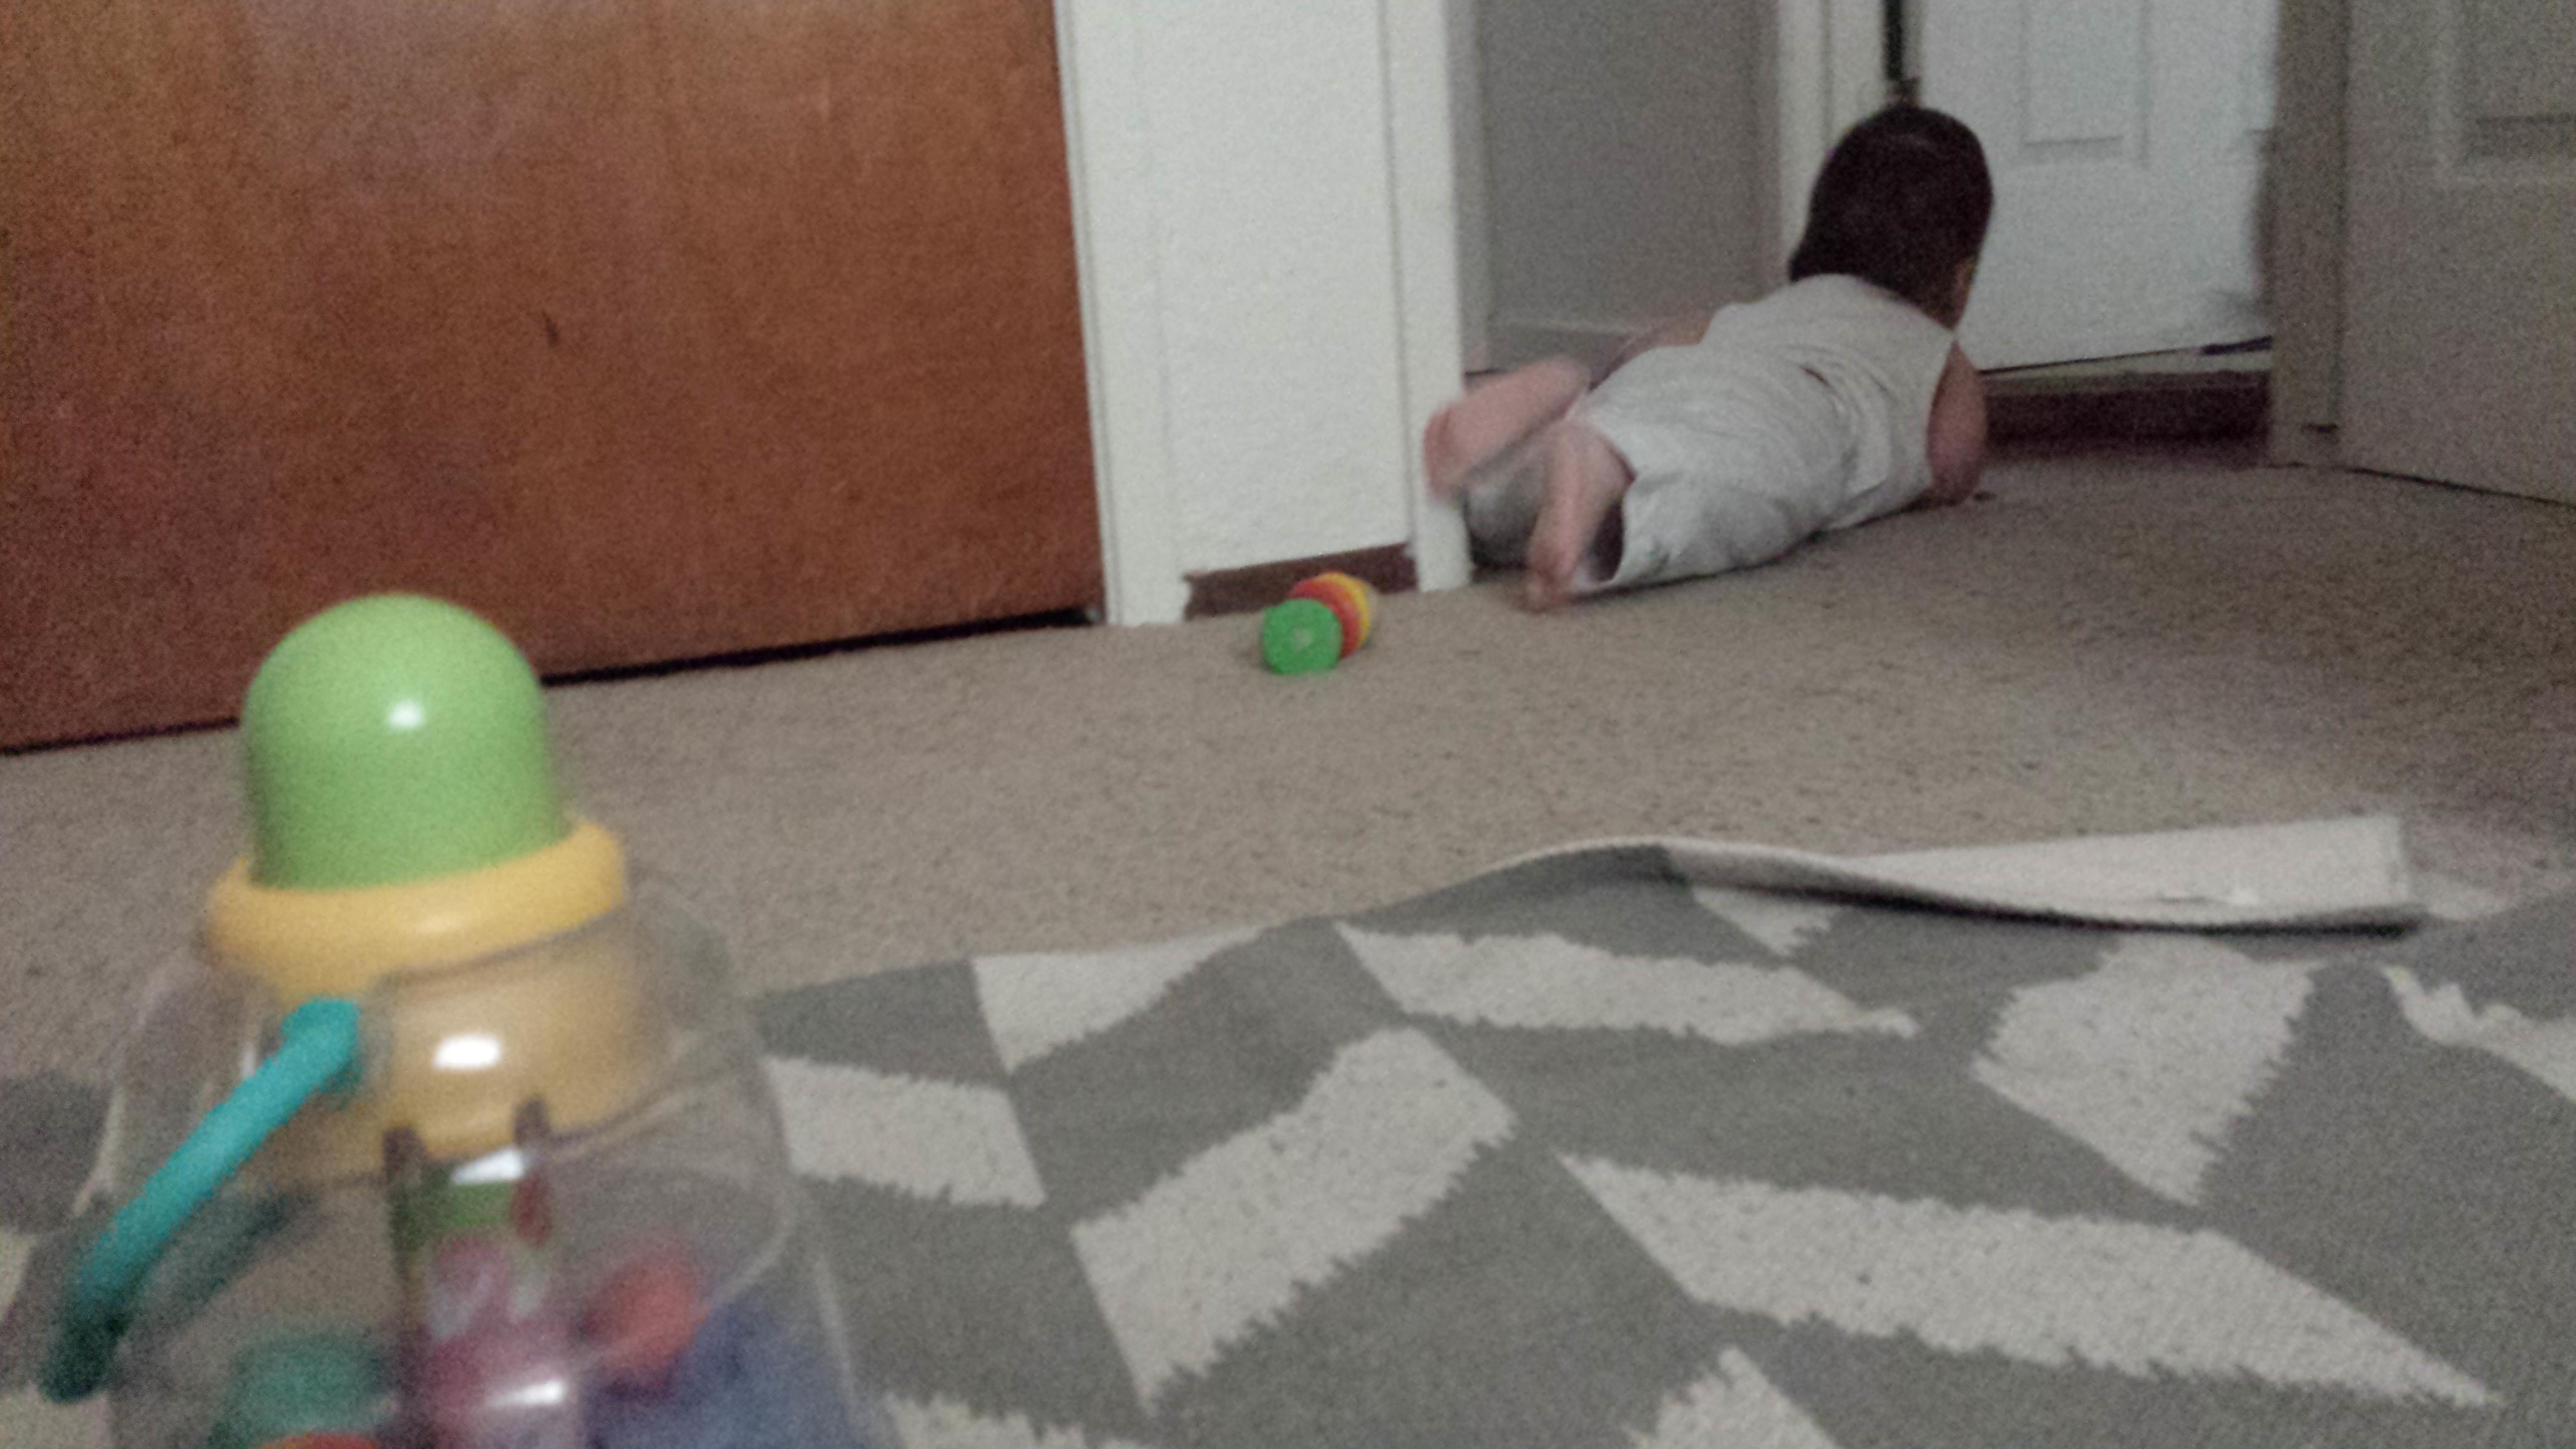 crawling away